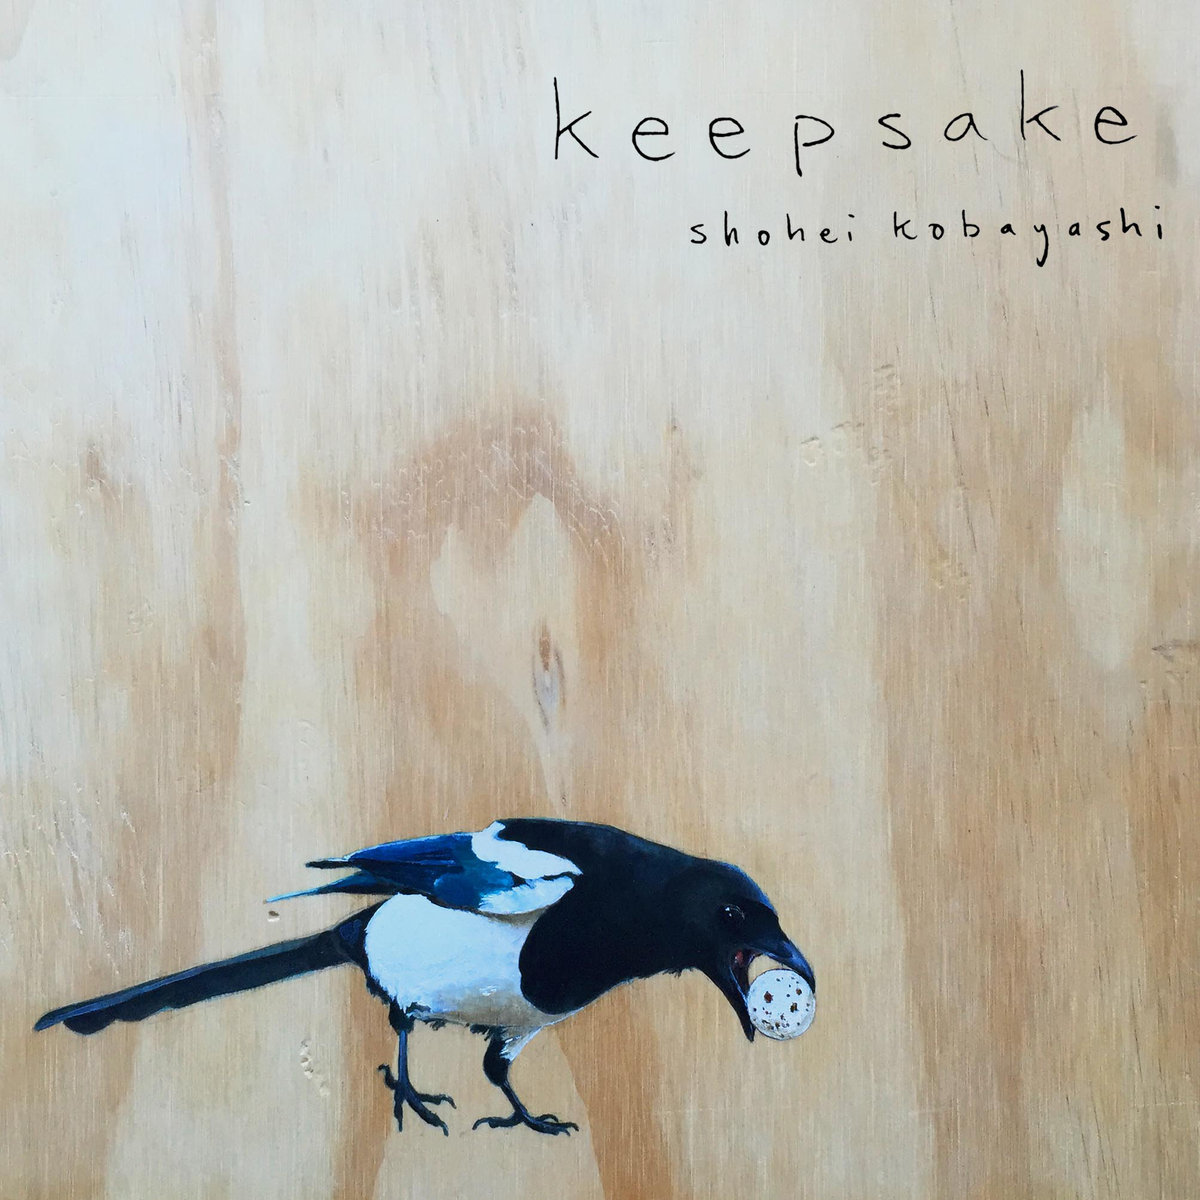 Keepsake. Doors. Dudes & Guitars. A conversation with Shohei Kobayashi